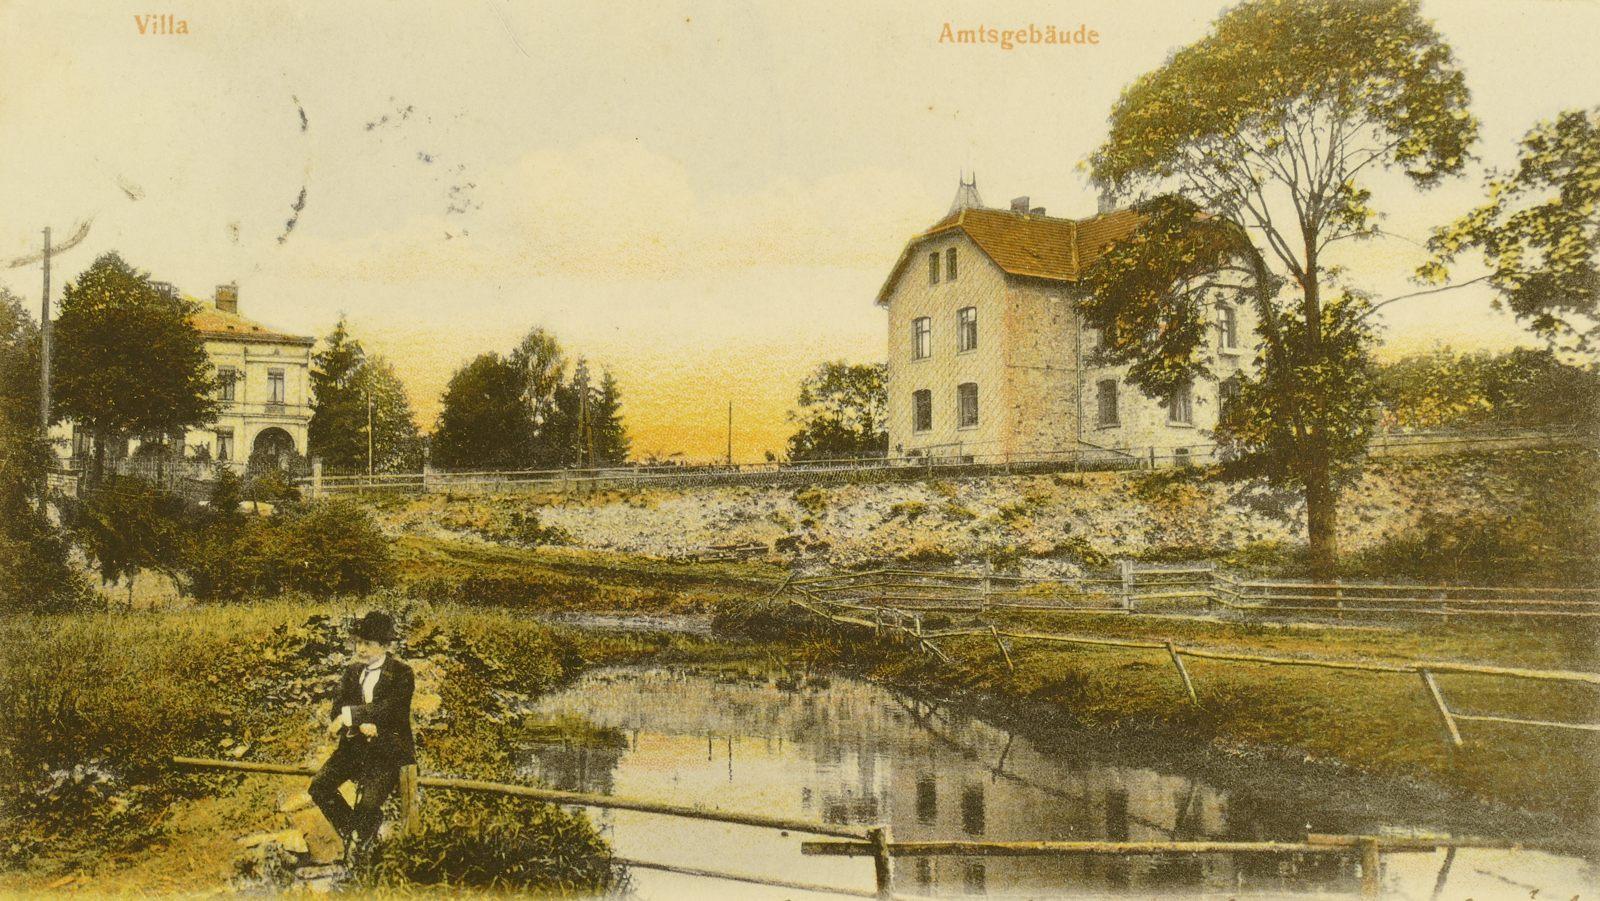 Amtsgebäude mit Villa 1905